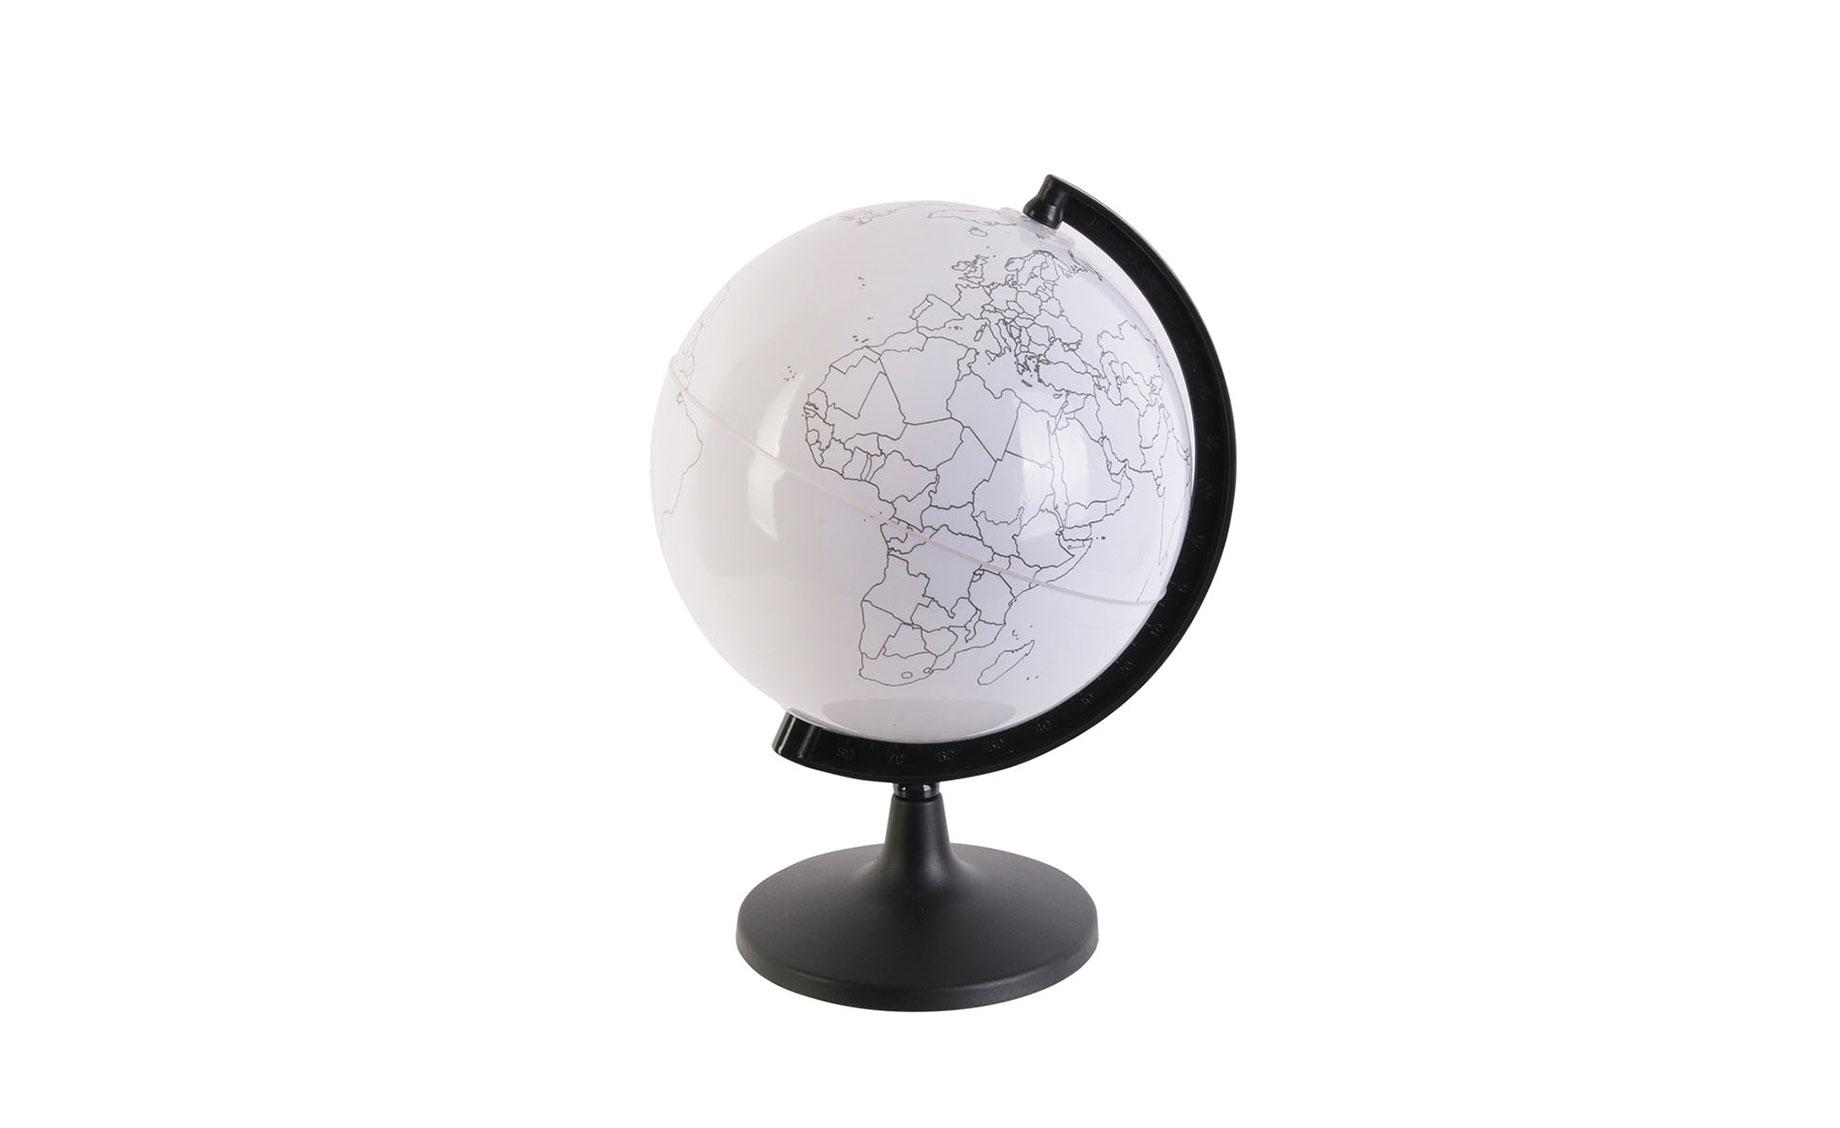 Dekorativni Globus S Olovkama Za Bojanje 16 5x15x22cm Jeftinije Hr